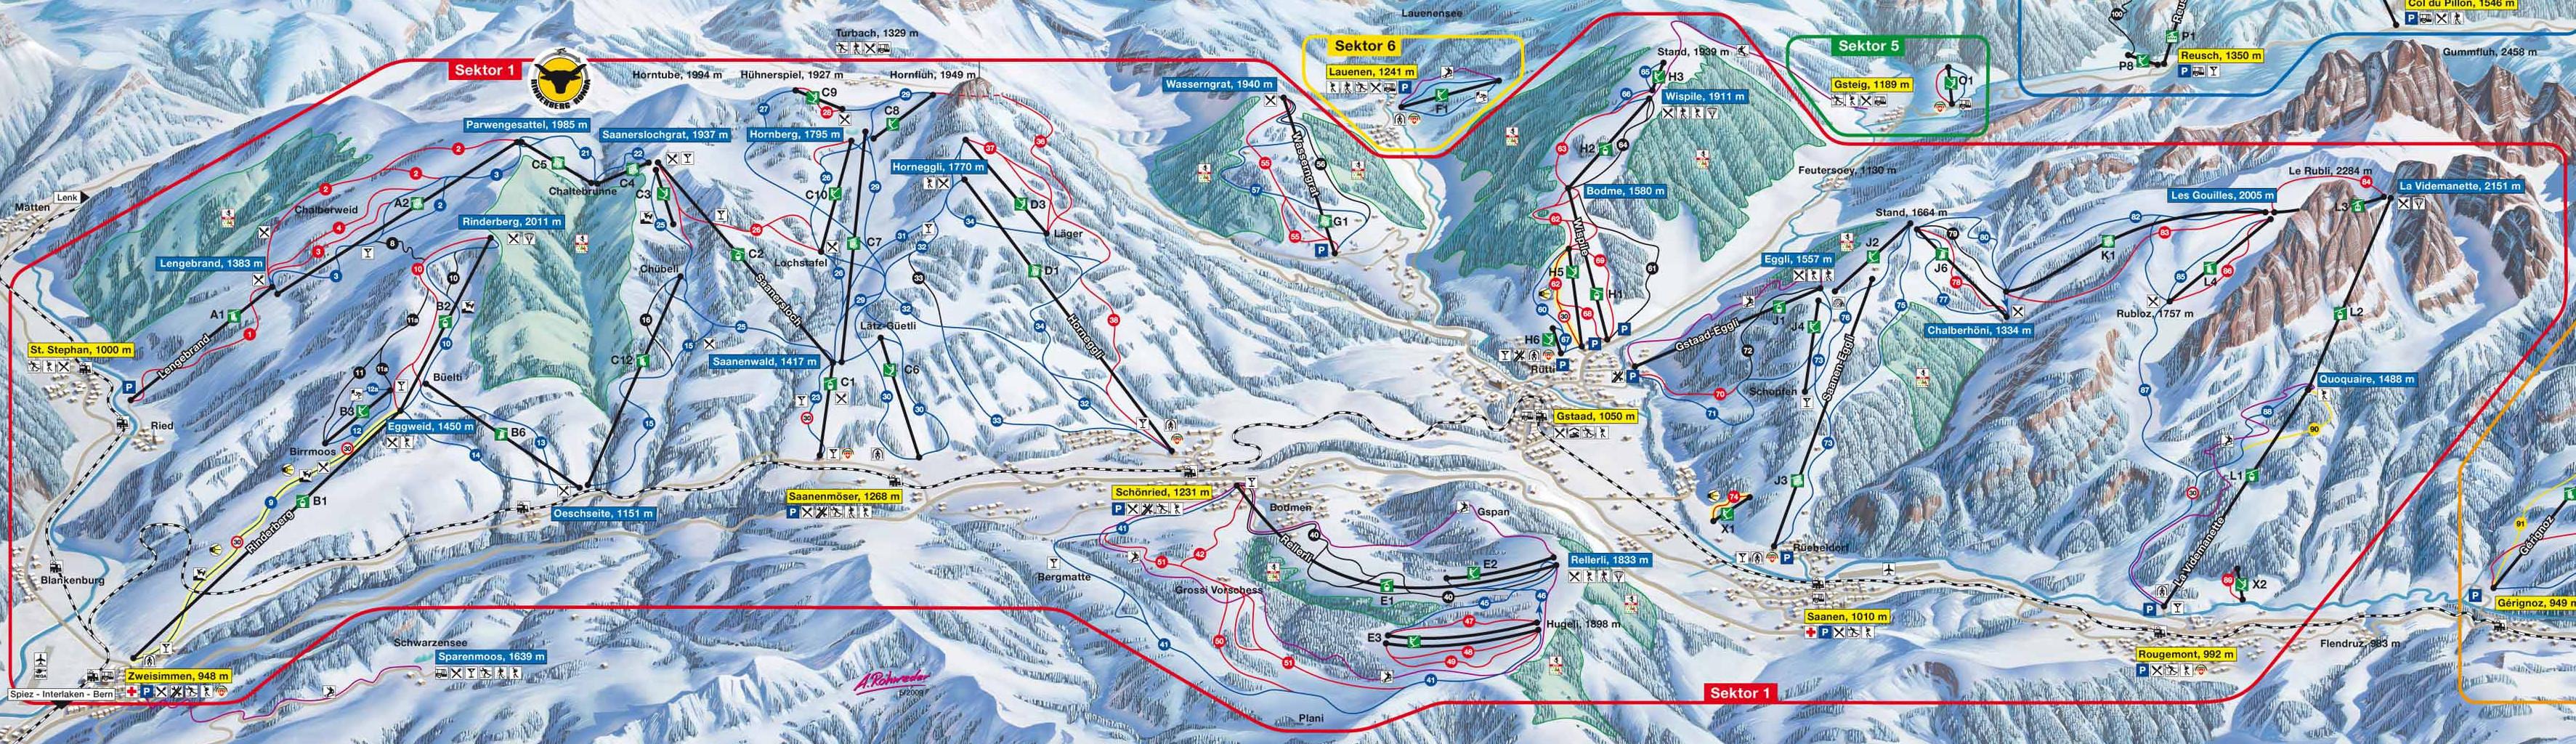 Lyžařská mapa sjezdovek areálu Eggli - La Videmanette